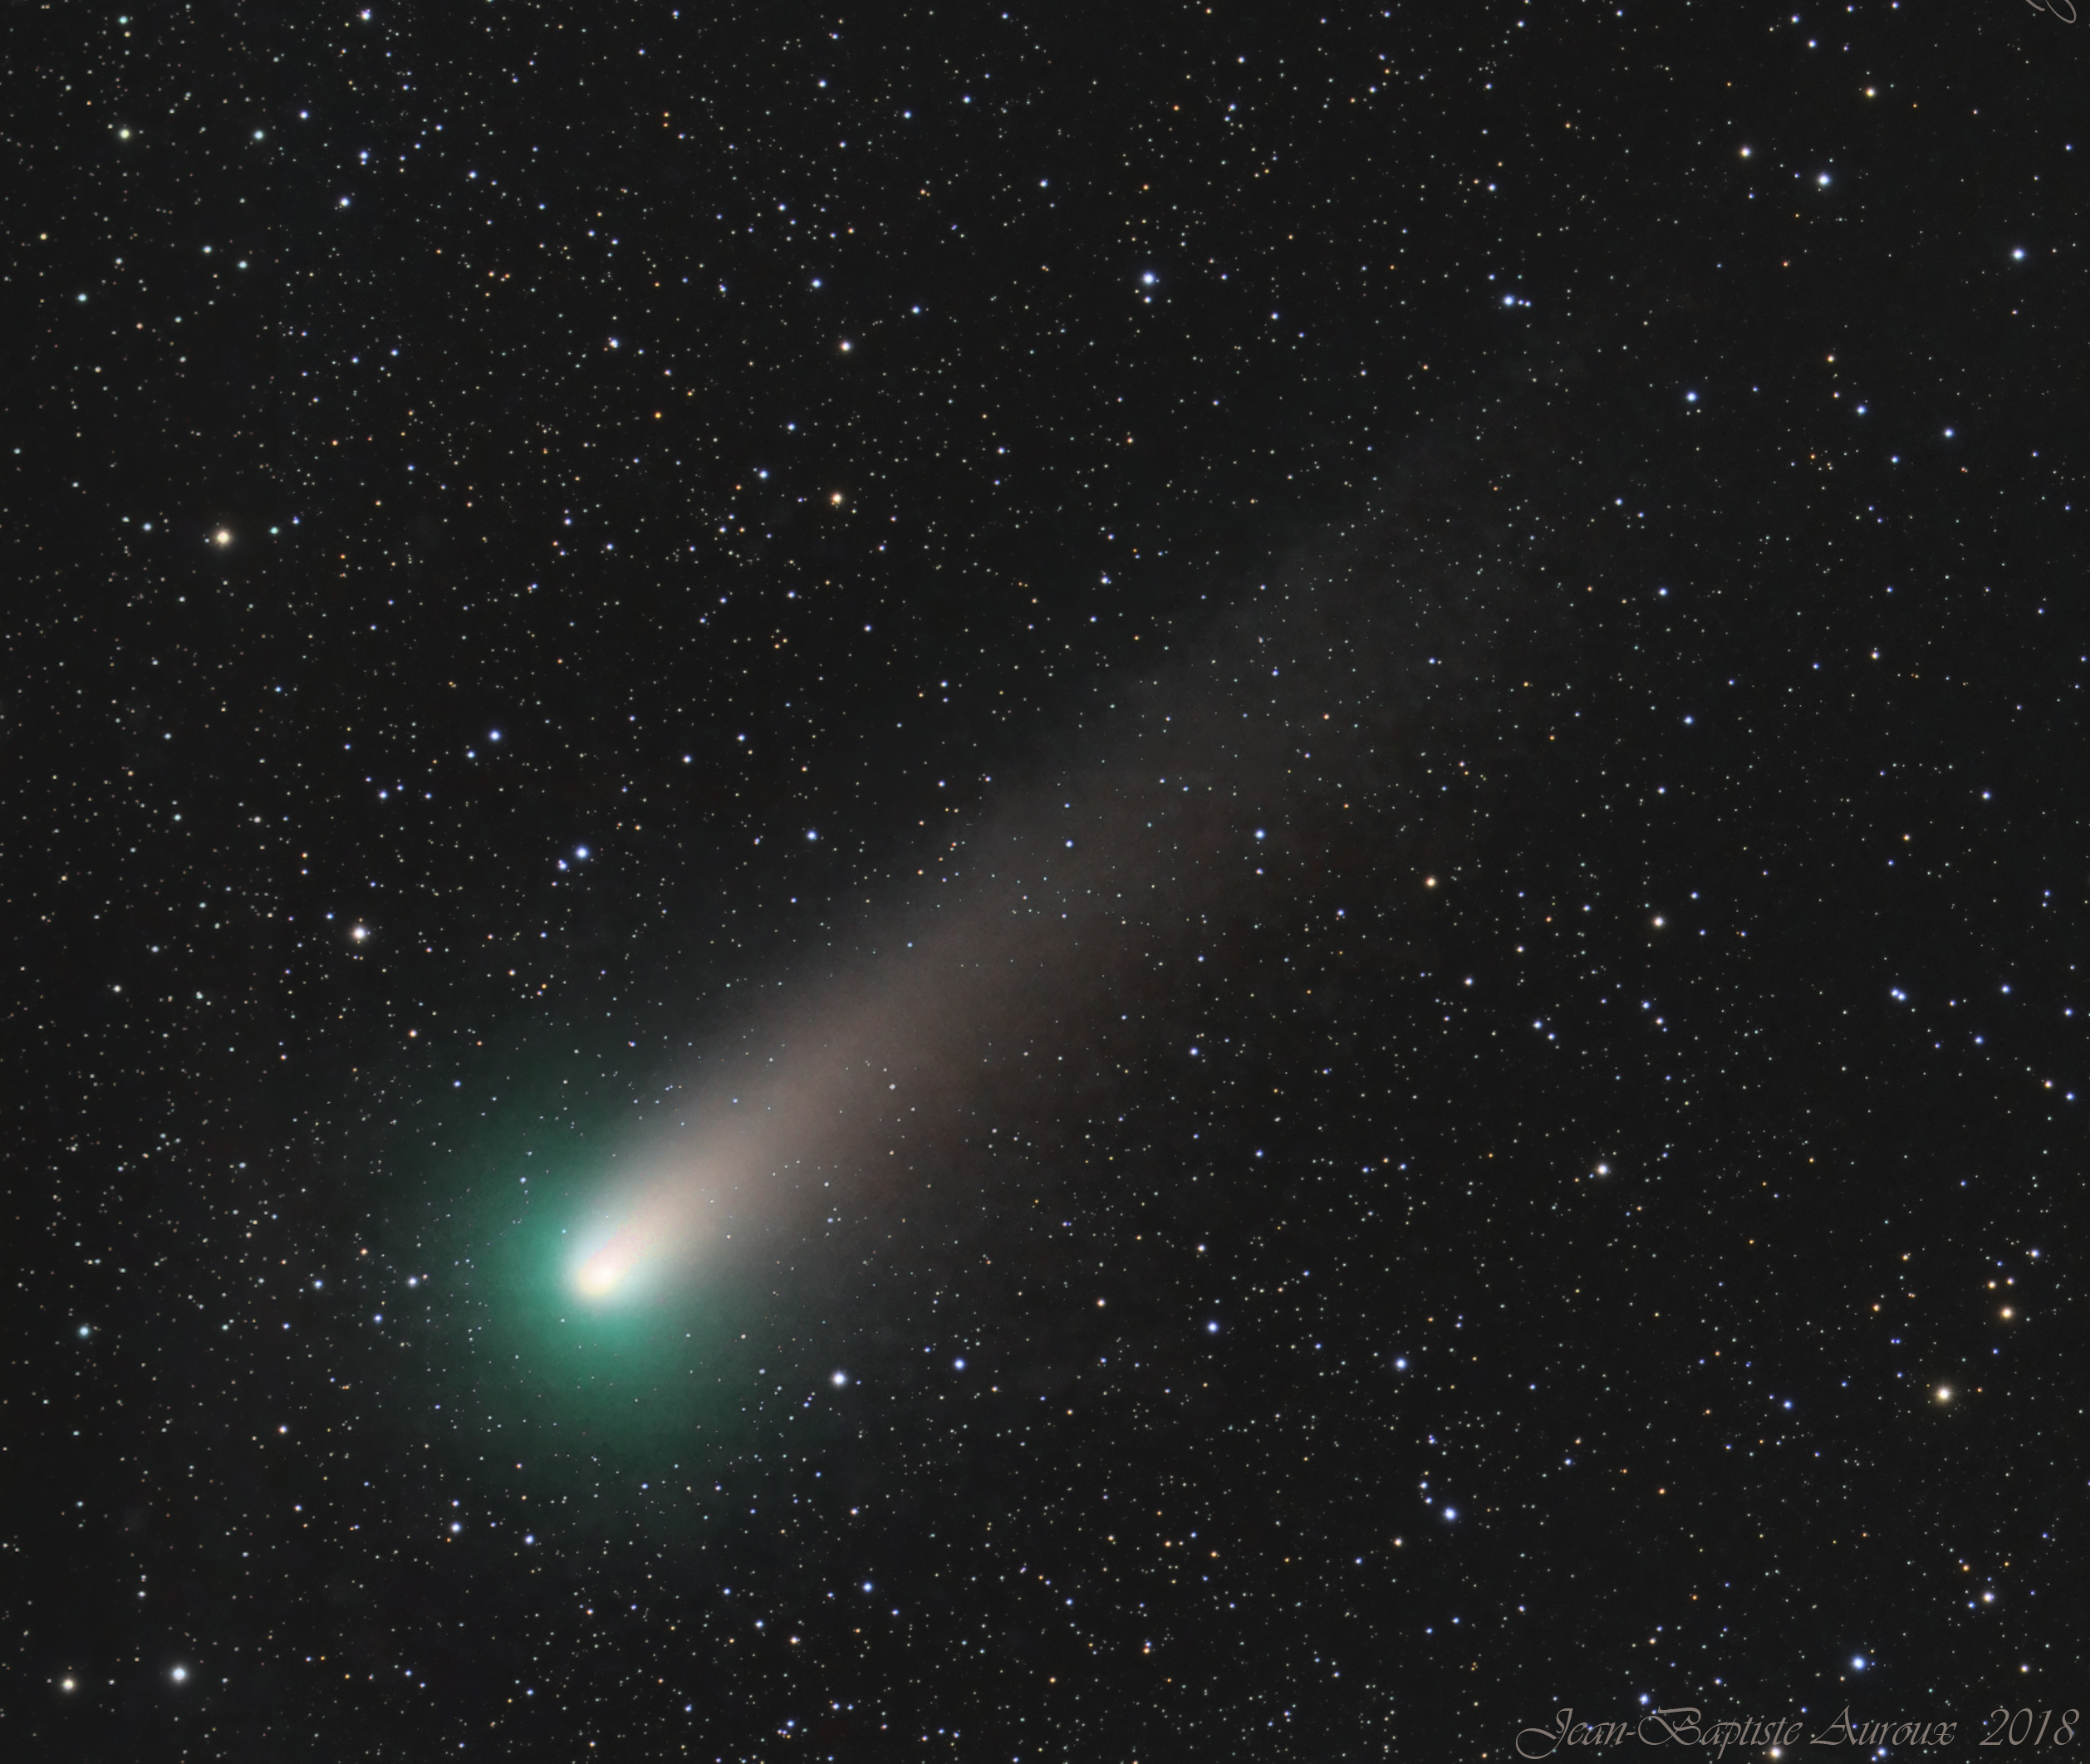 Comète 21P Giacobini-Zinner (LRGB)